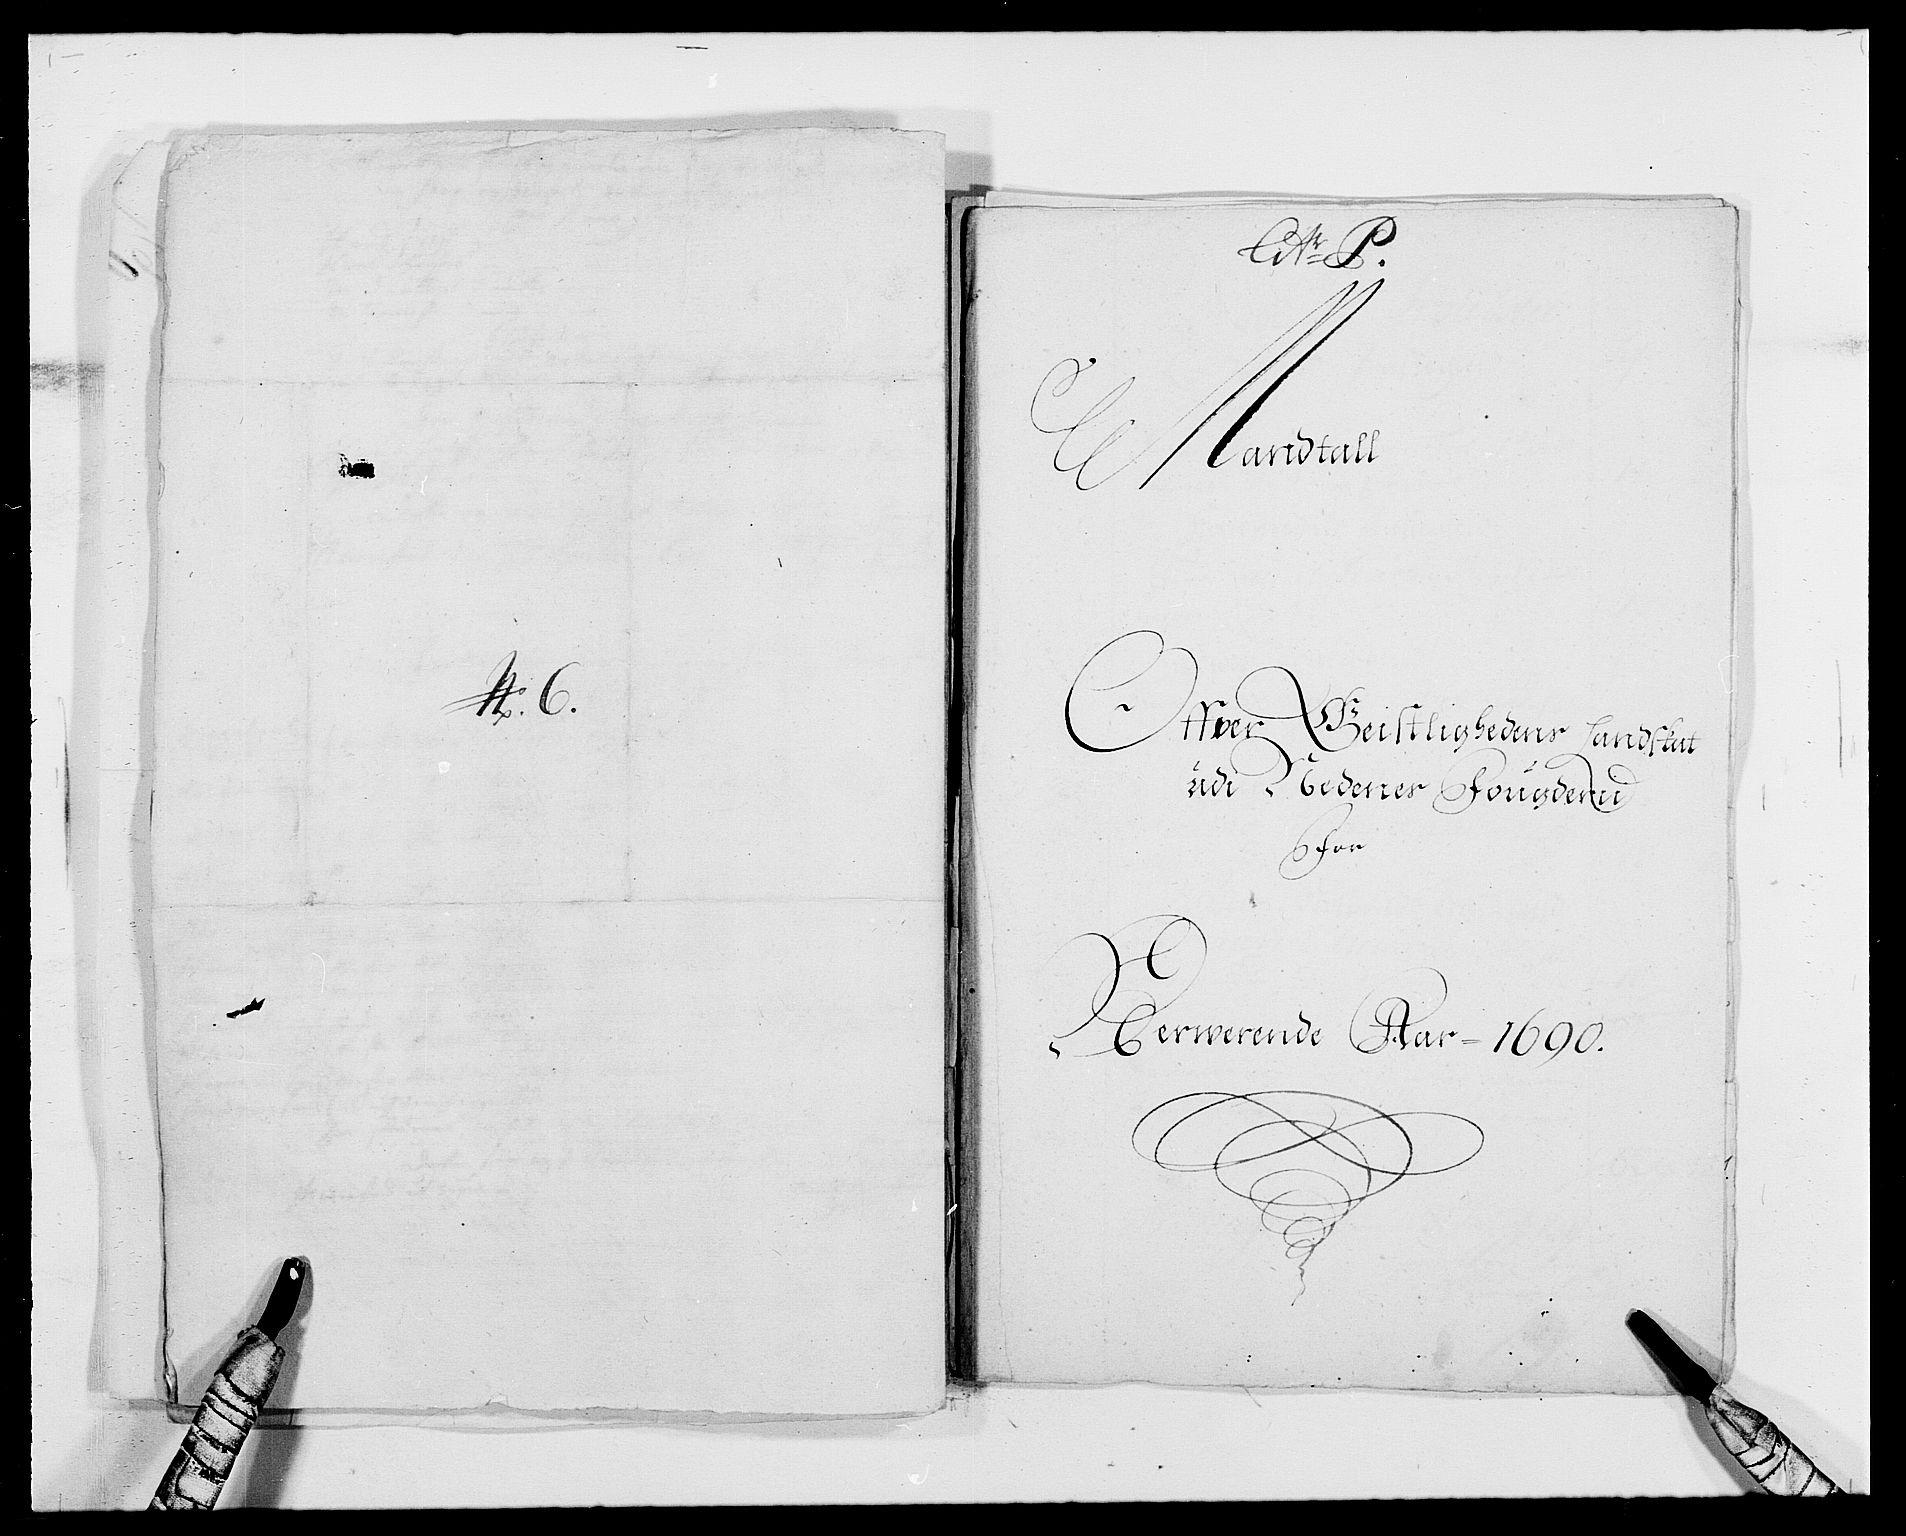 RA, Rentekammeret inntil 1814, Reviderte regnskaper, Fogderegnskap, R39/L2310: Fogderegnskap Nedenes, 1690-1692, s. 284